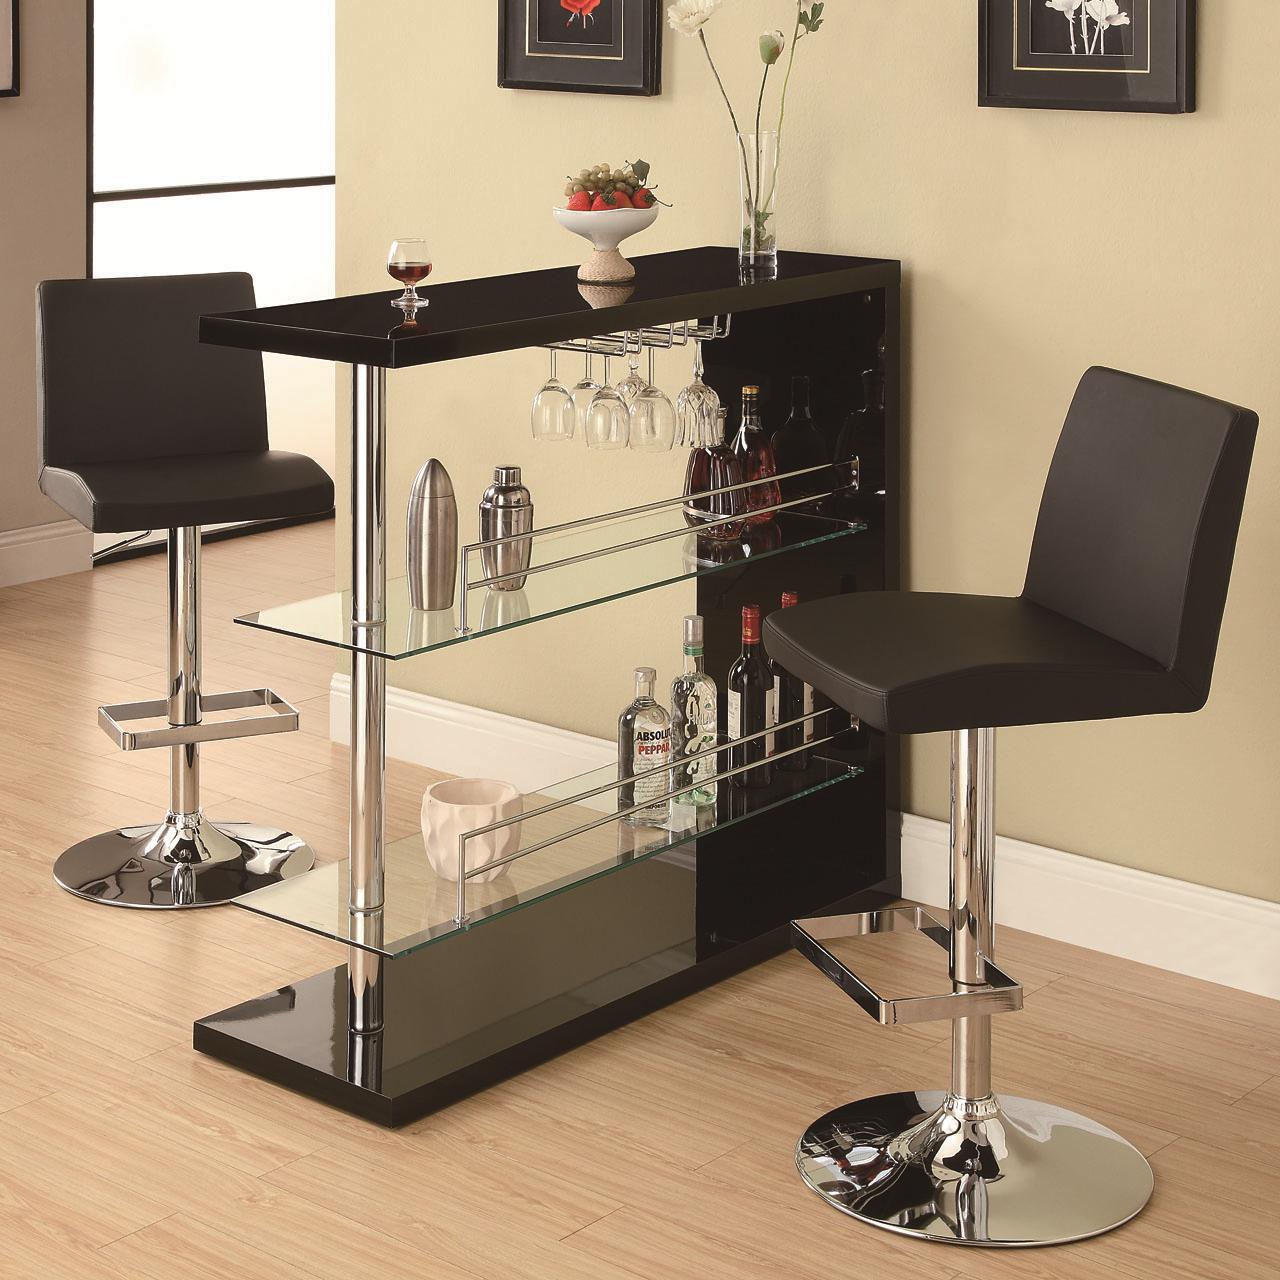 Coaster Bar Units and Bar Tables Bar Unit - Item Number: 100165